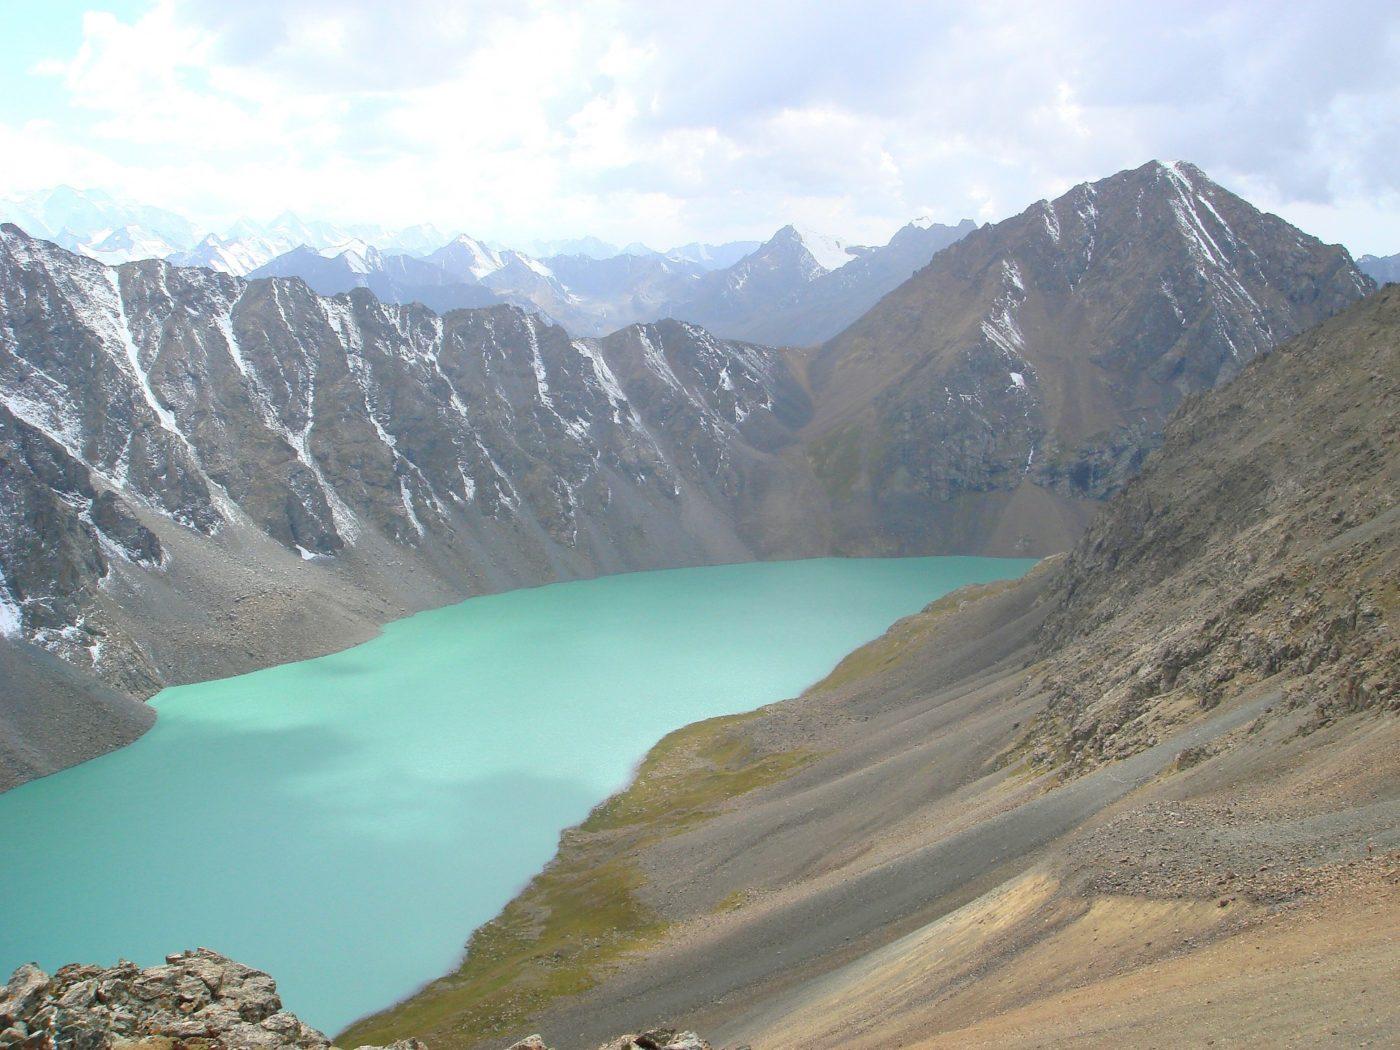 Picture of Ala köl lake, Kyrgyzstan